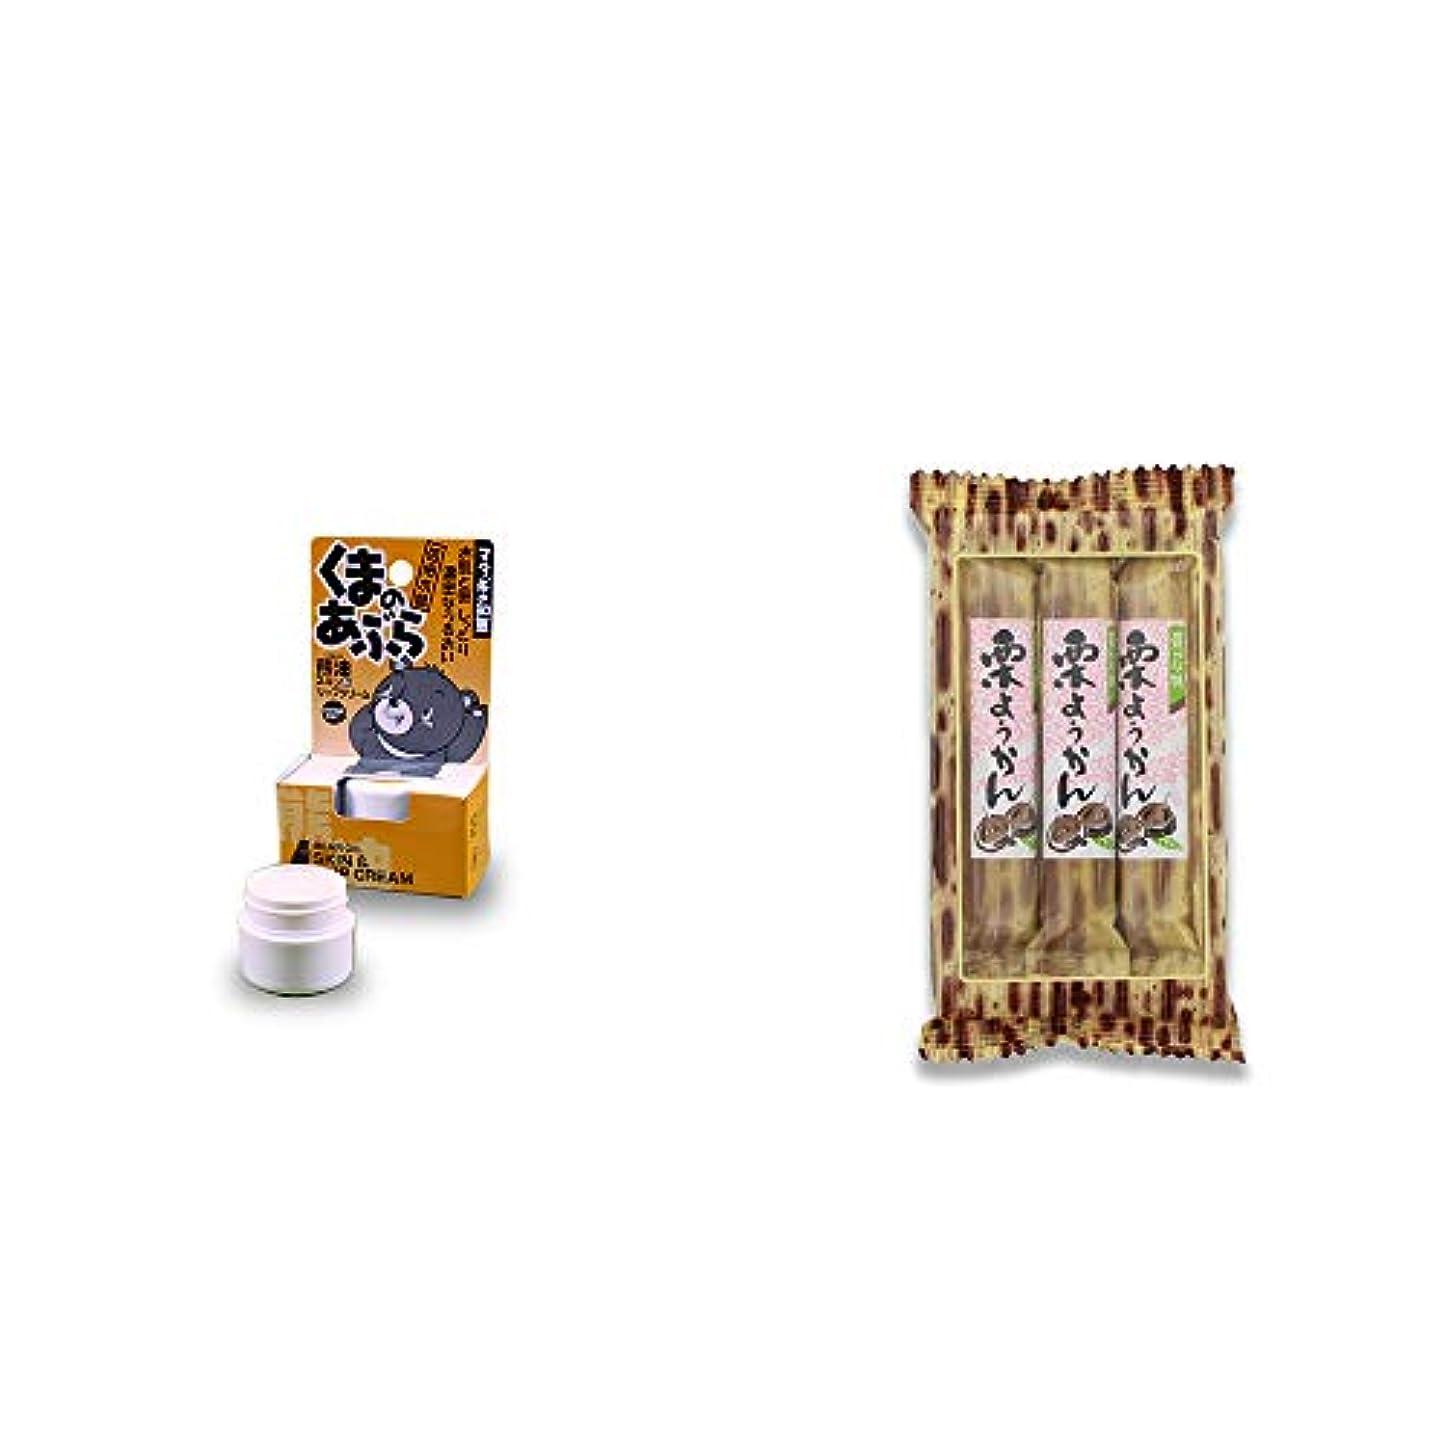 ヒント収入時計回り[2点セット] 信州木曽 くまのあぶら 熊油スキン&リップクリーム(9g)?スティックようかん[栗](50g×3本)